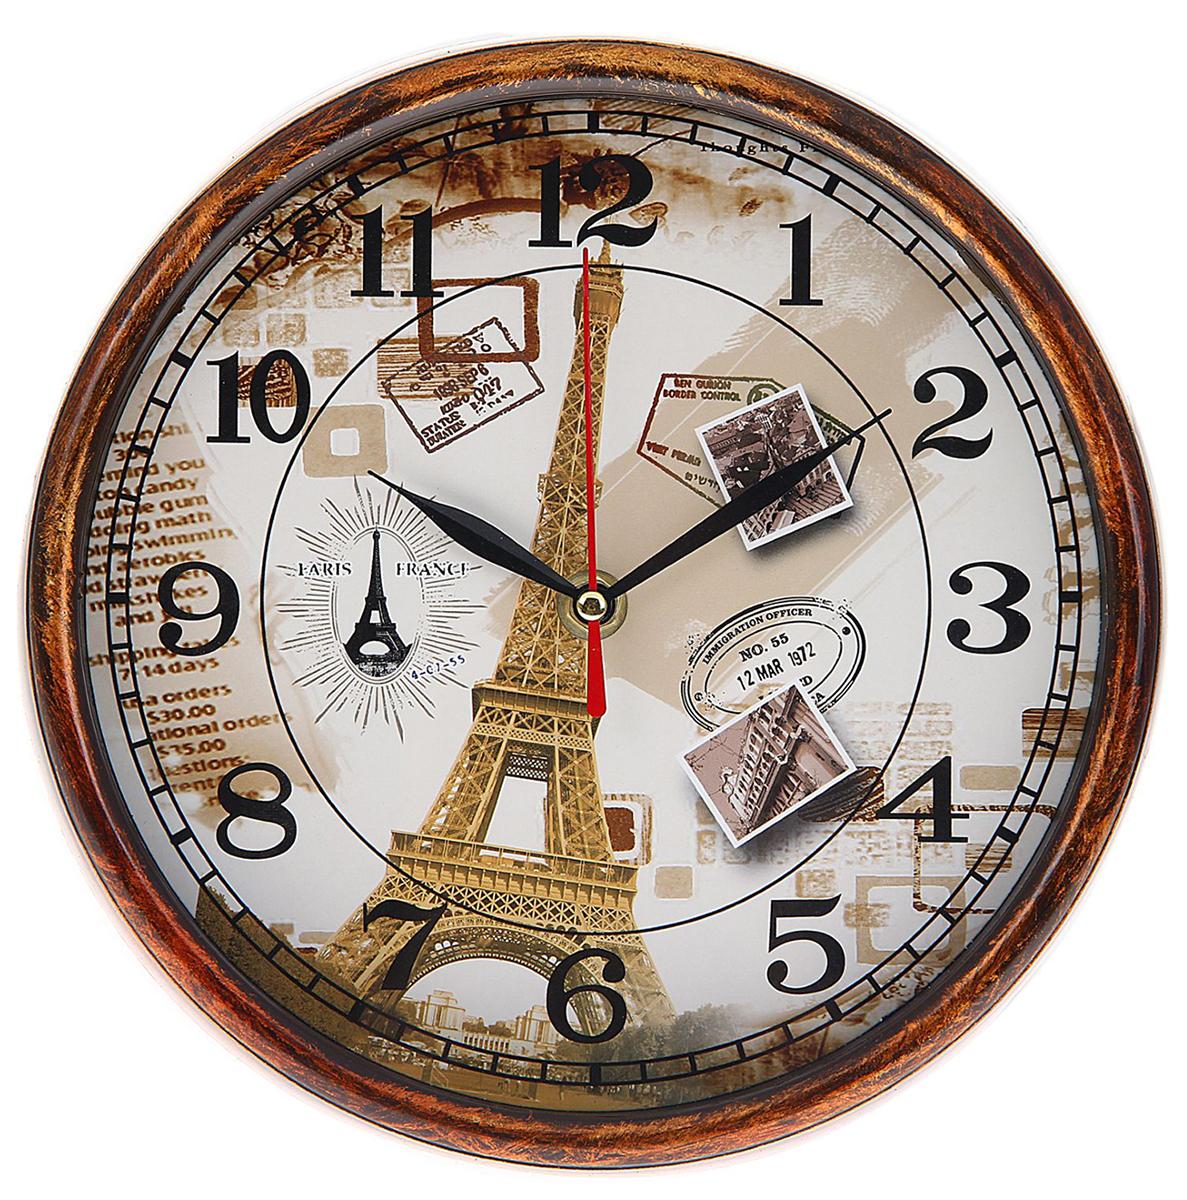 Часы настенные Воспоминания о Париже, диаметр 22 см1104349Каждому хозяину периодически приходит мысль обновить свою квартиру, сделать ремонт, перестановку или кардинально поменять внешний вид каждой комнаты. Часы настенные круглые Письма из Парижа, d=22 см, рама под дерево с патиной — привлекательная деталь, которая поможет воплотить вашу интерьерную идею, создать неповторимую атмосферу в вашем доме. Окружите себя приятными мелочами, пусть они радуют глаз и дарят гармонию.Часы настенные круглые Воспоминания о Париже 22х22х3,8 см 1104349